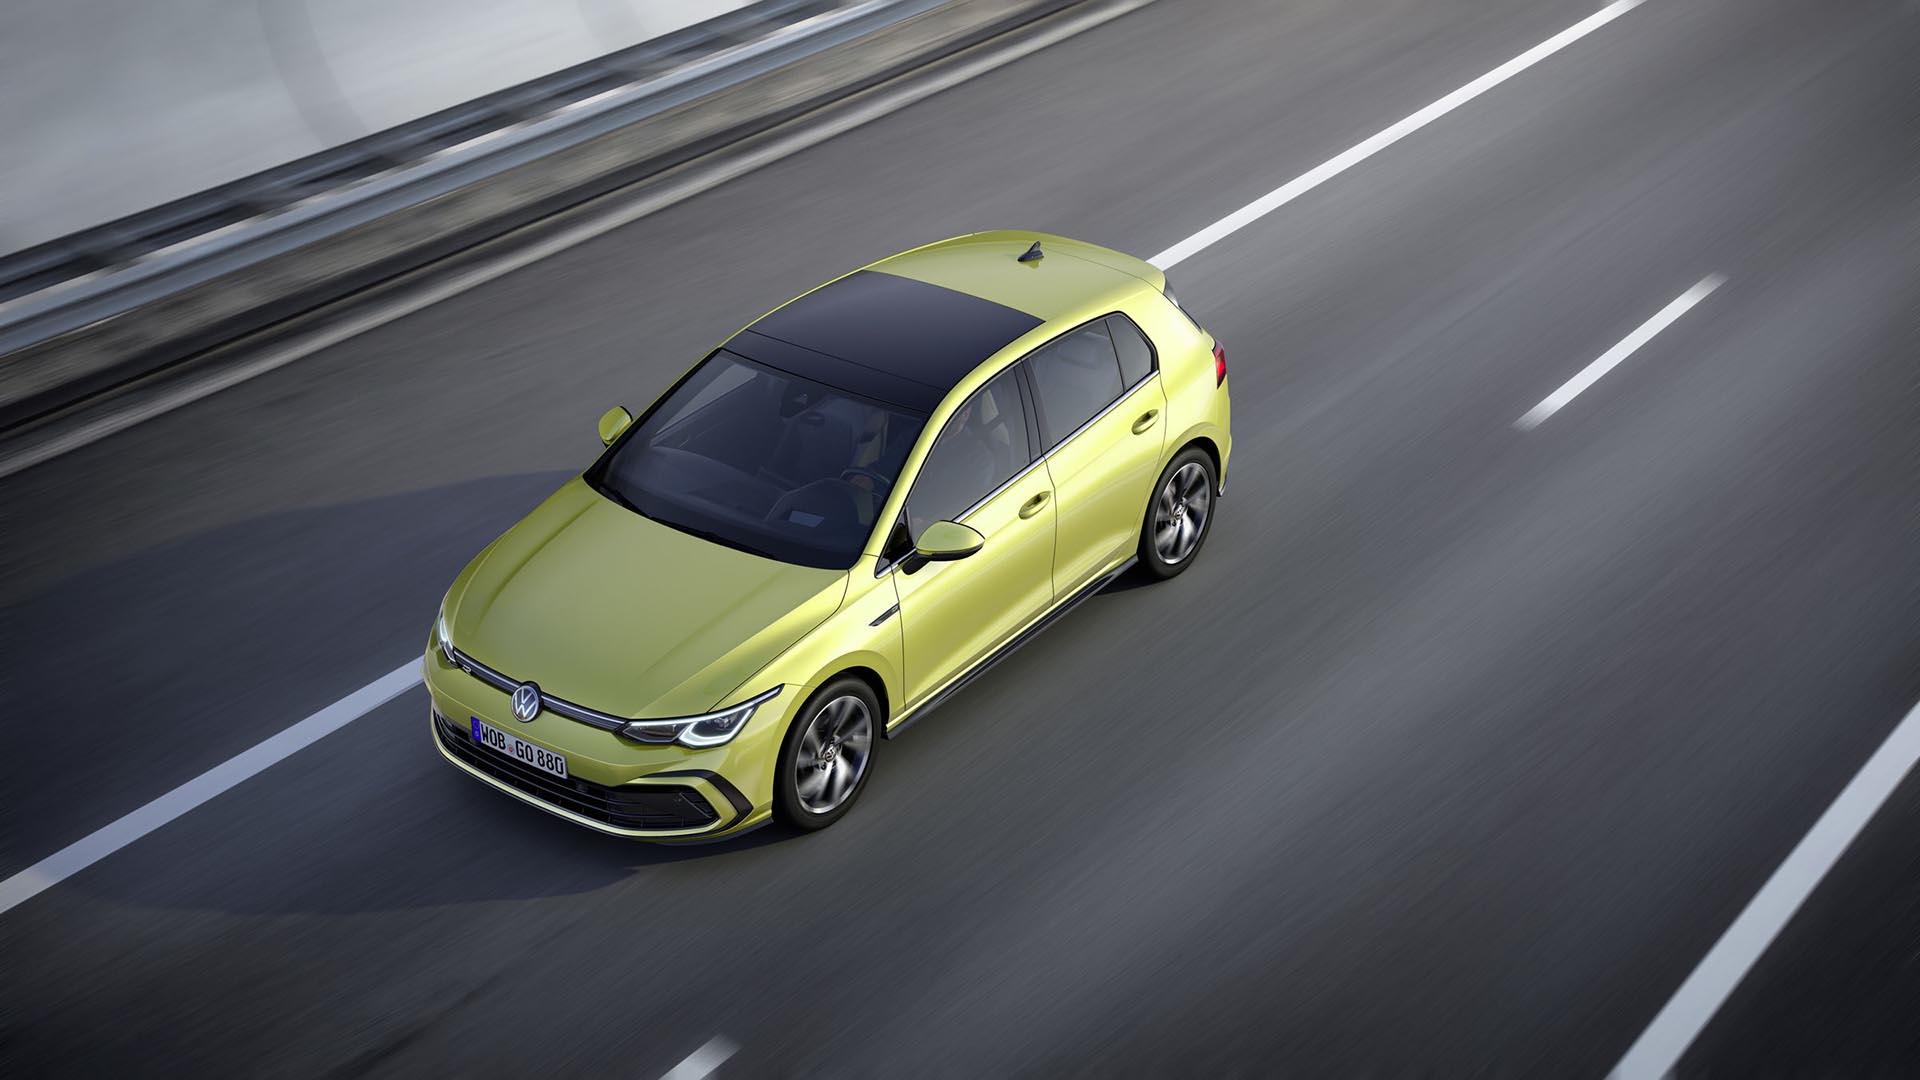 Фольксваген Гольф 2020 - фото и цена, комплектации и характеристкики нового Volkswagen Golf 8